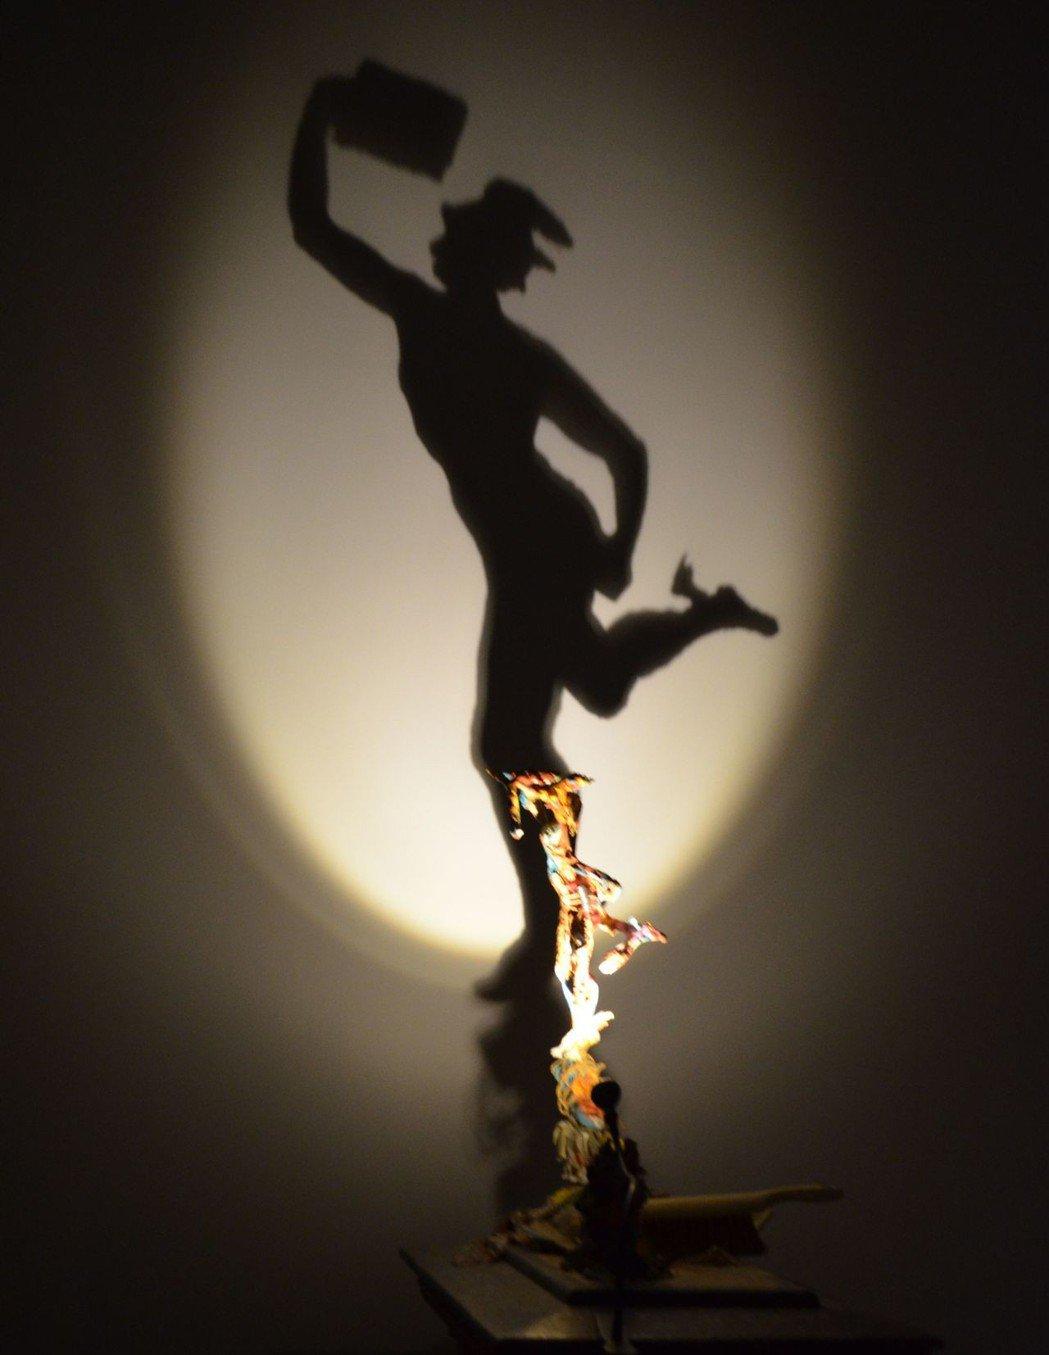 以廢棄卡紙、木材與光源,呈現的影子卻是知名經典雕像。    陳慧明 攝影